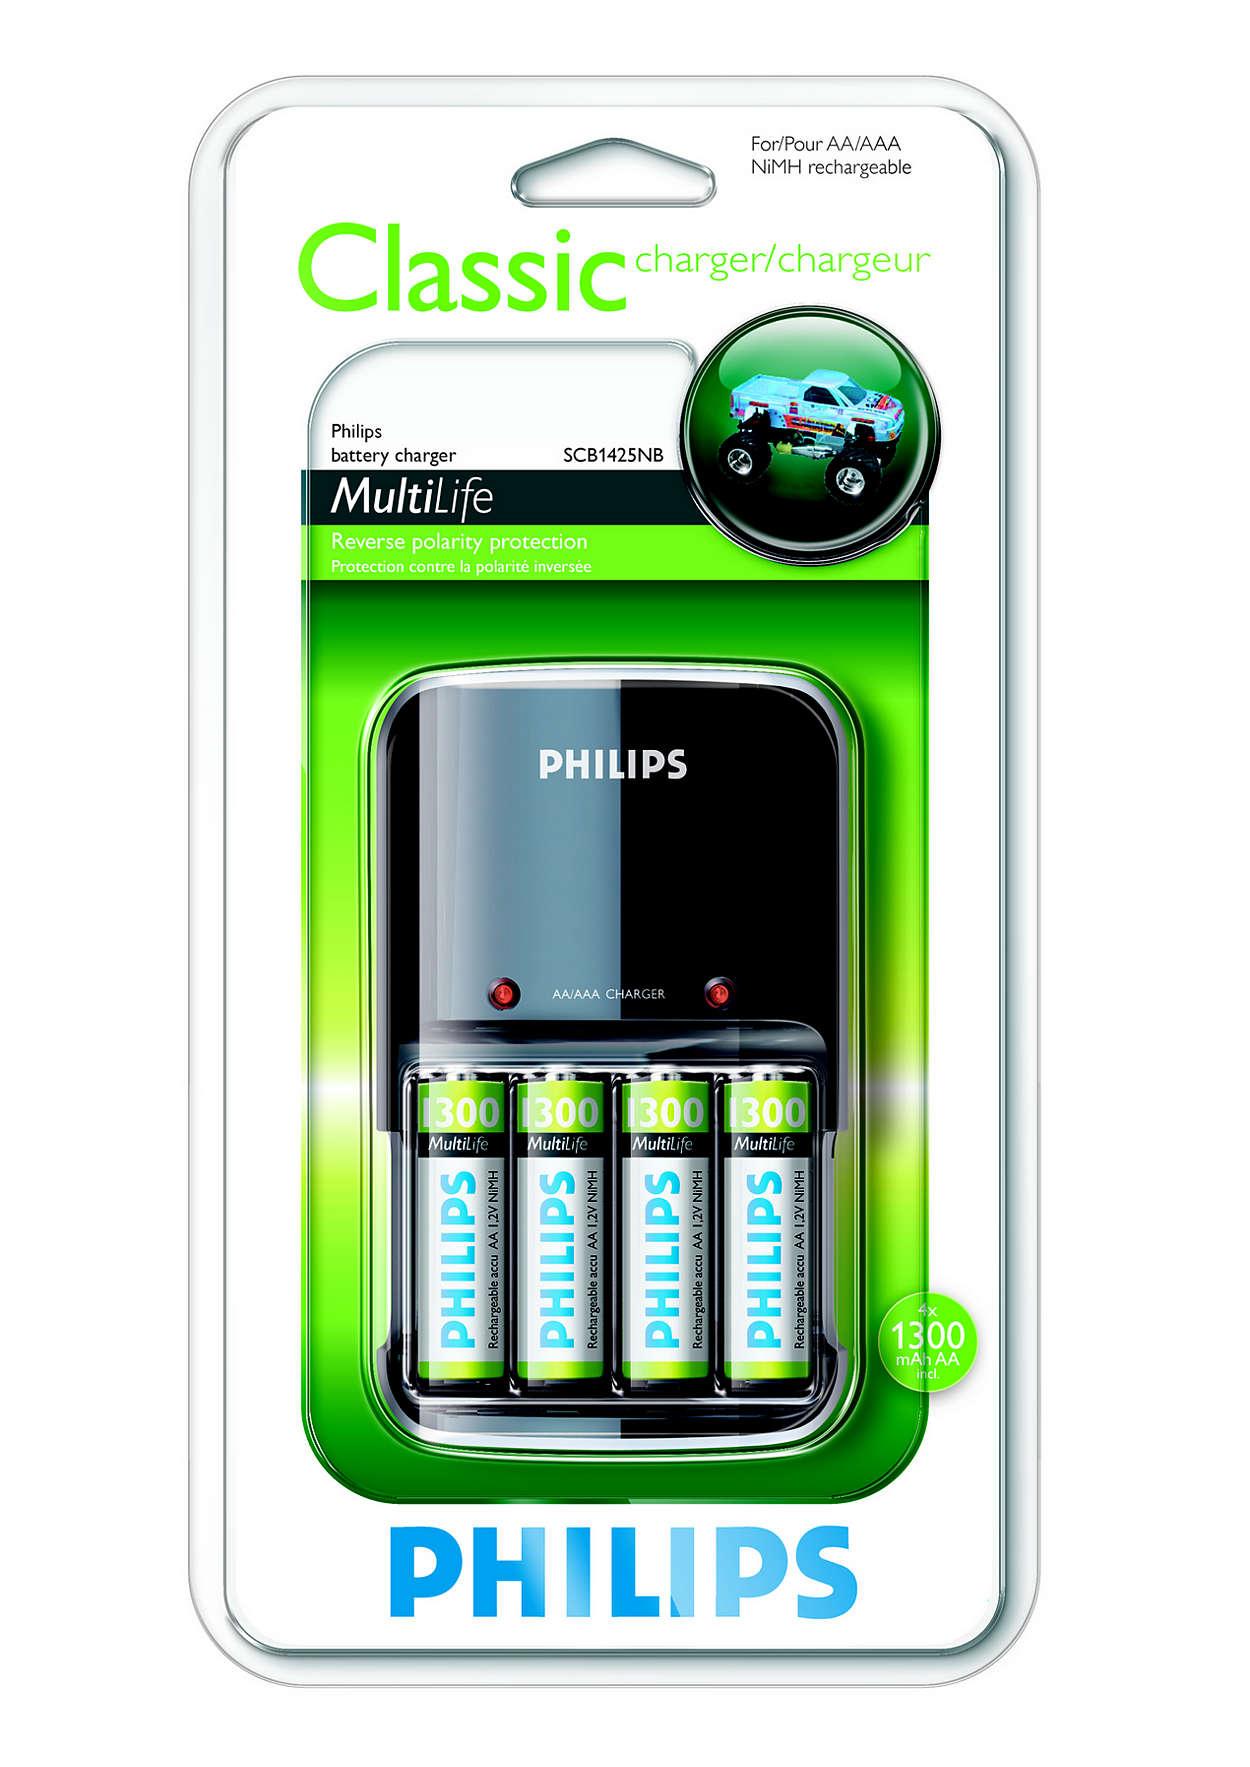 Pełne naładowanie akumulatorów w ciągu nocy